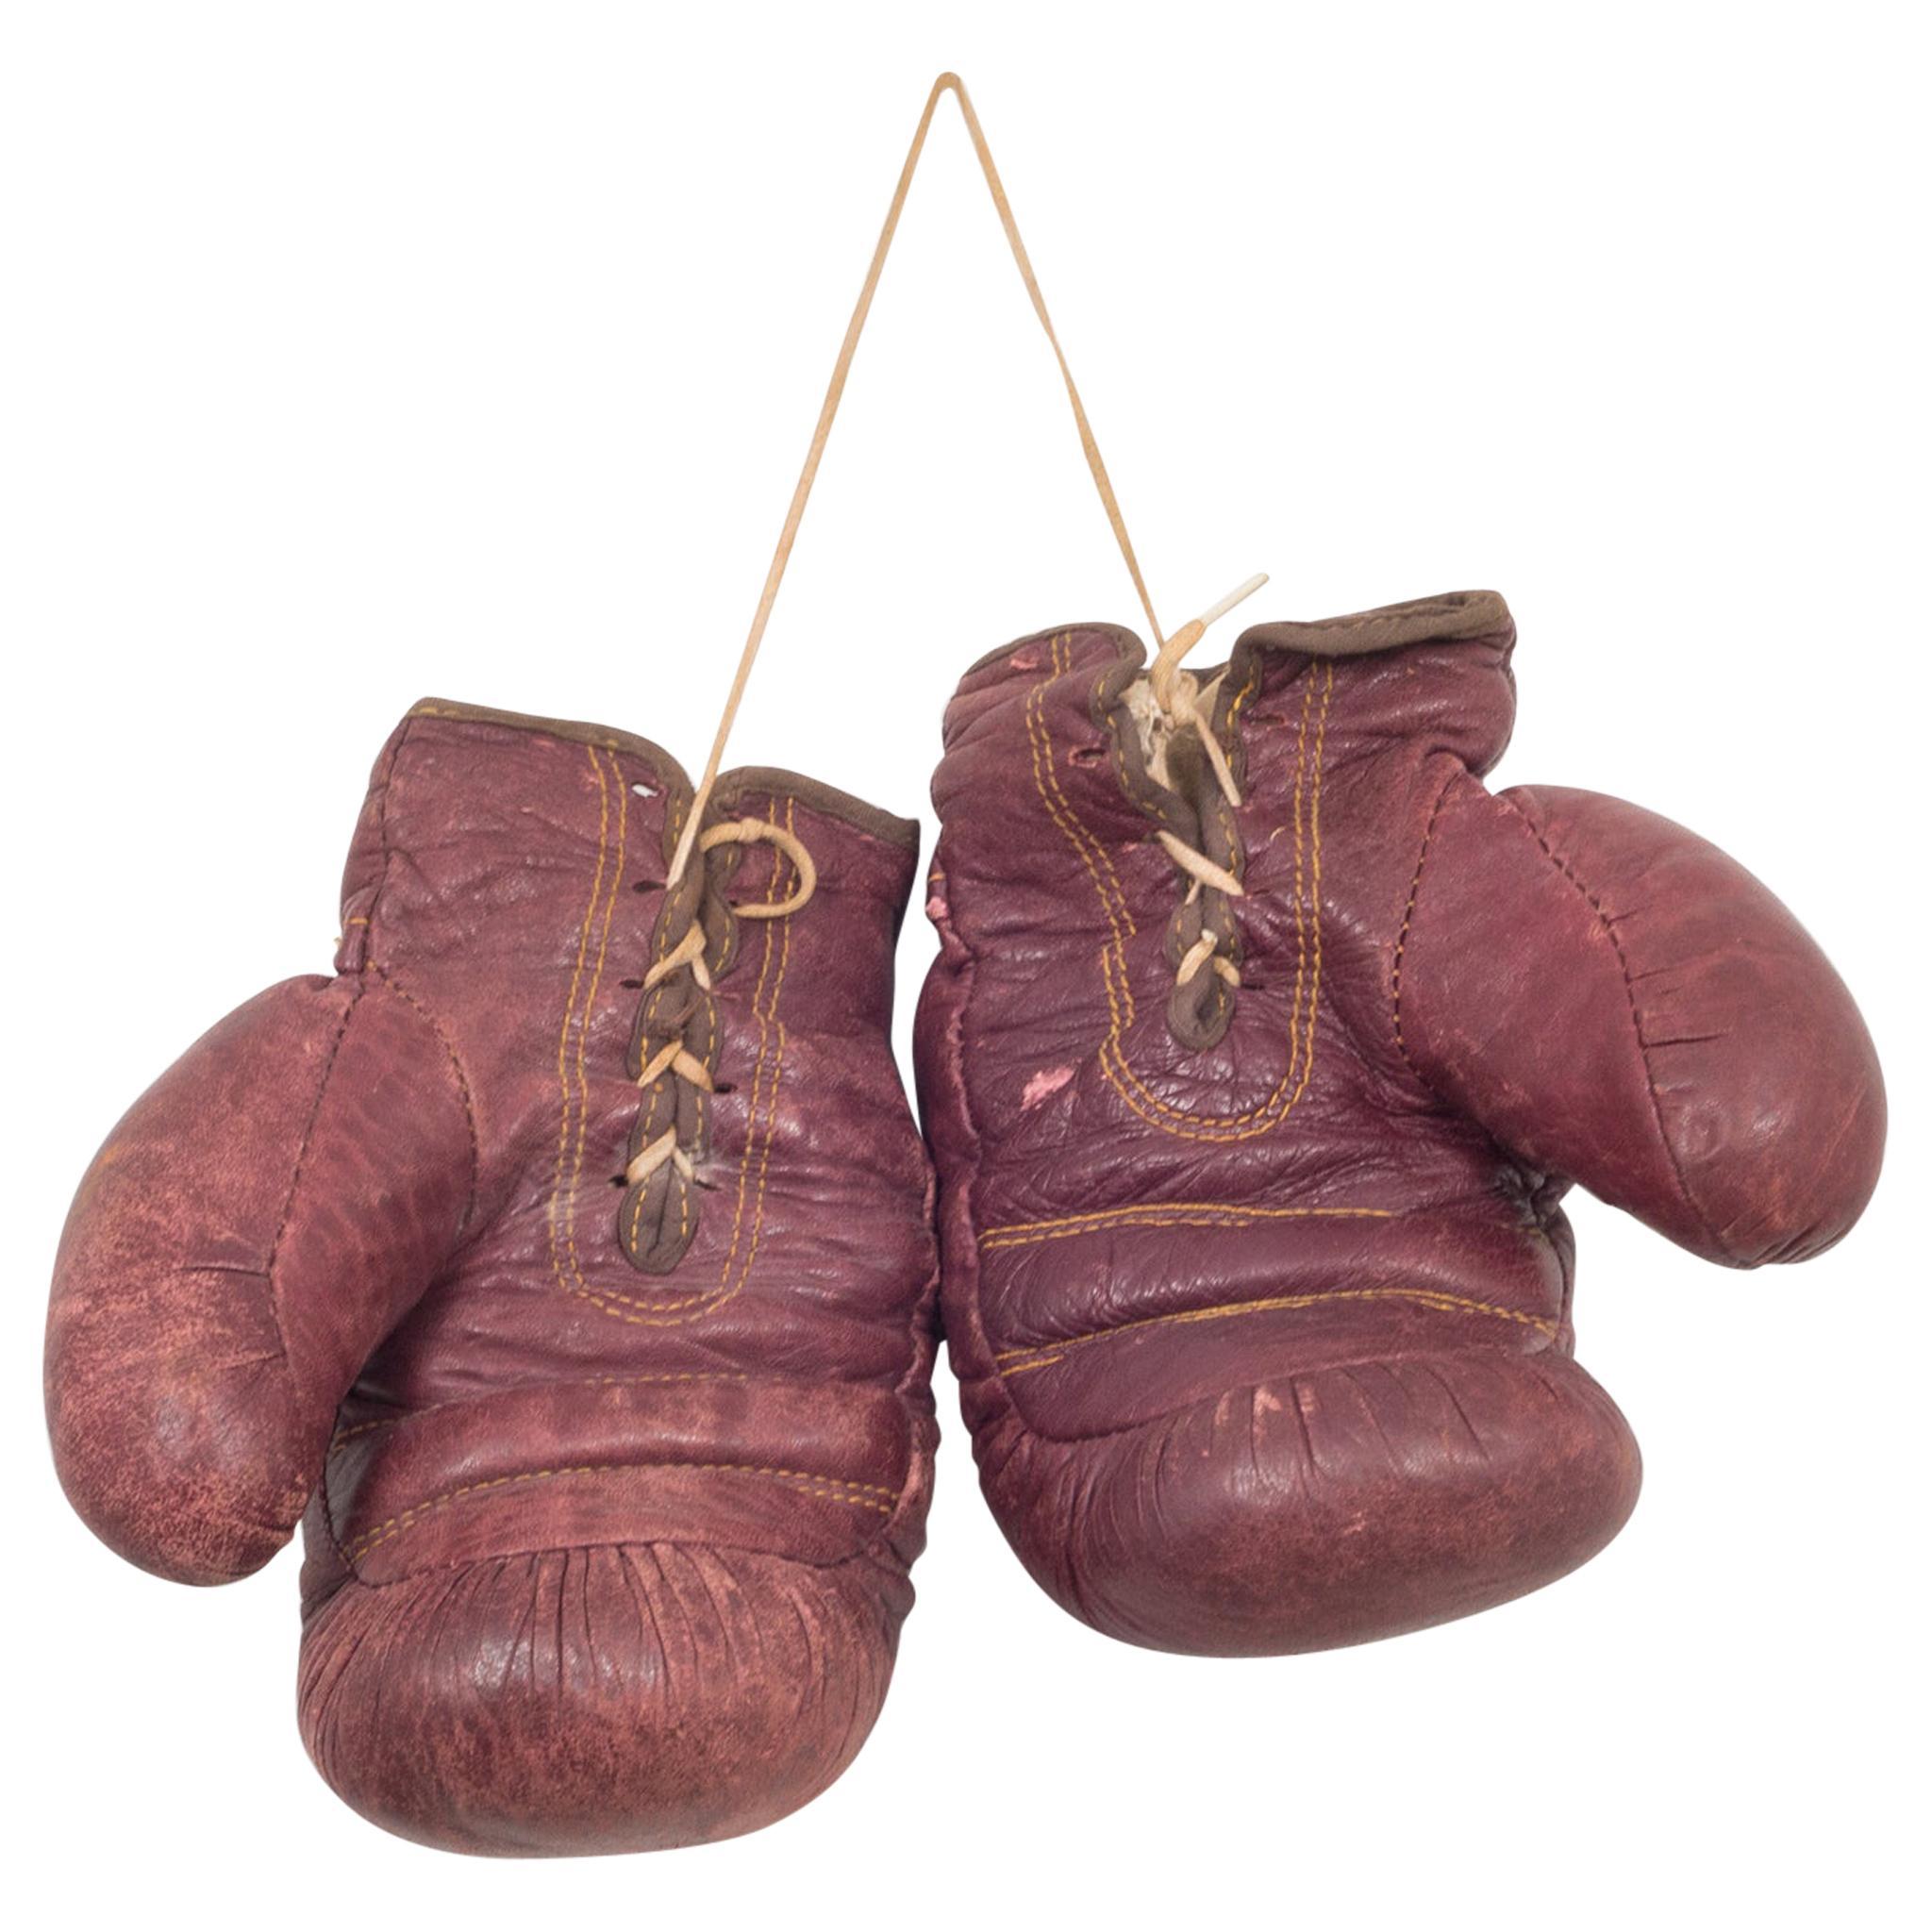 Vintage J.C. Higgins Leather Boxing Gloves, circa 1950-1960